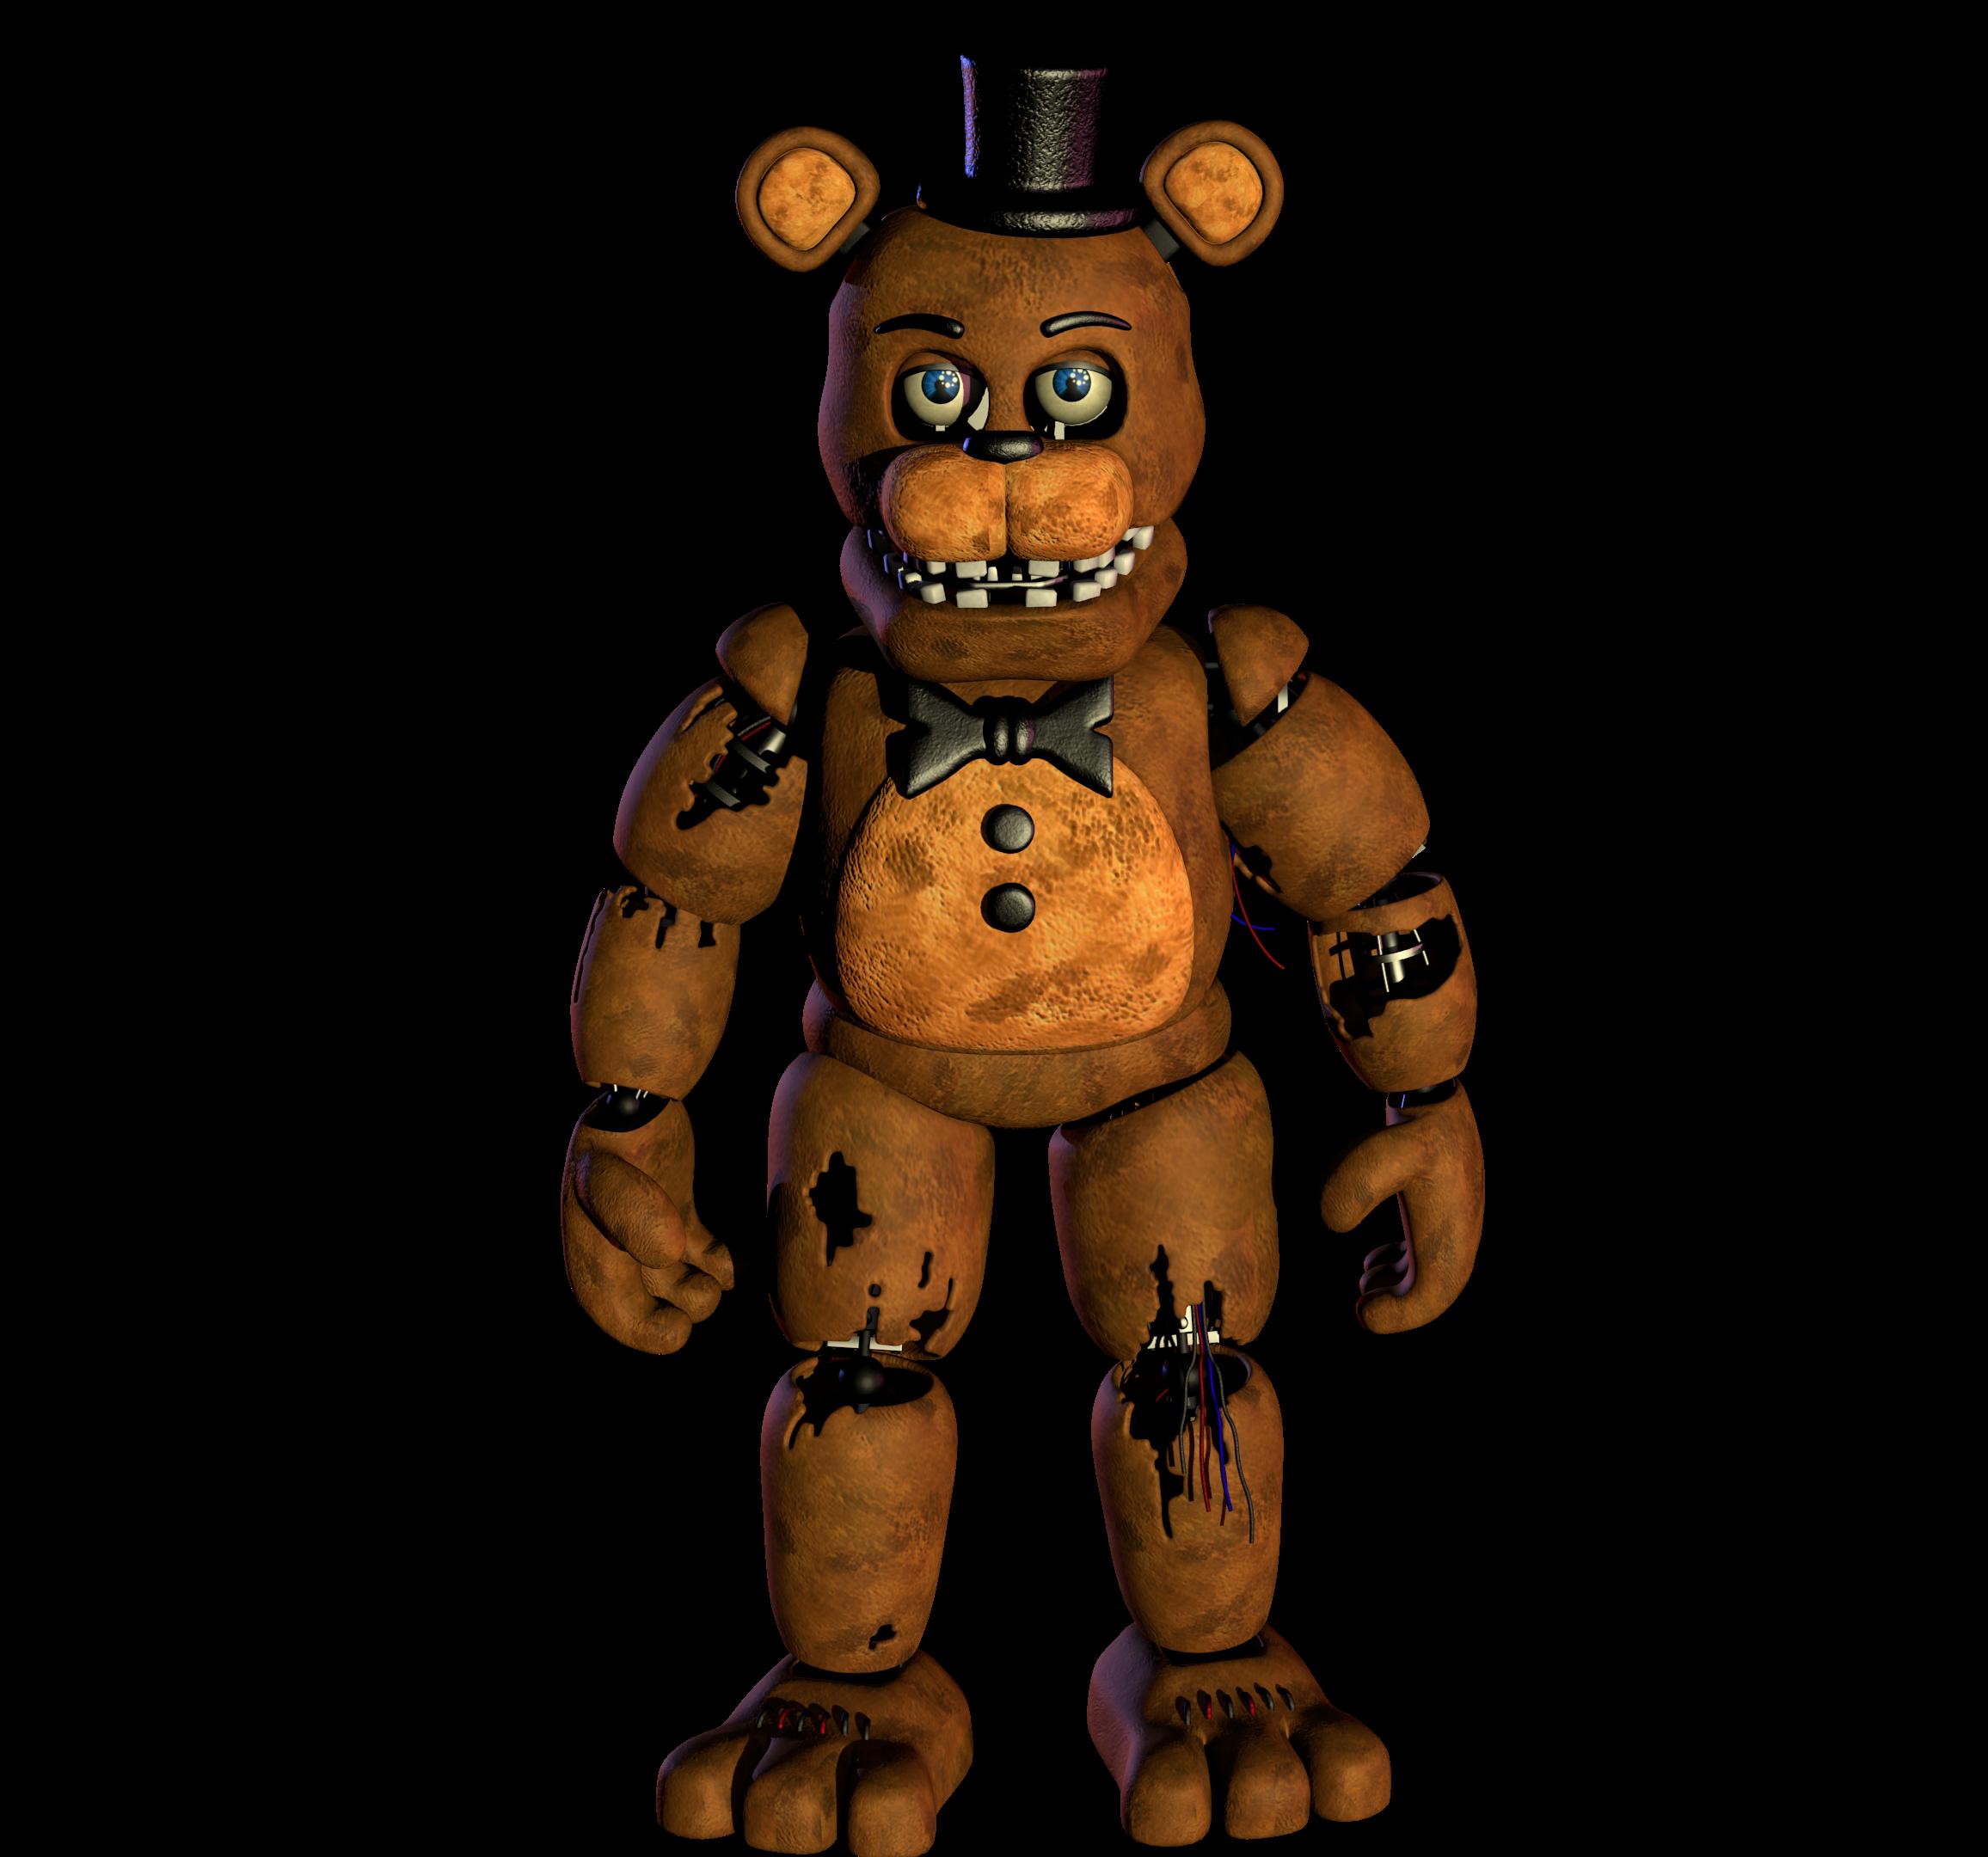 Withered Freddy v8 Model : fivenightsatfreddys